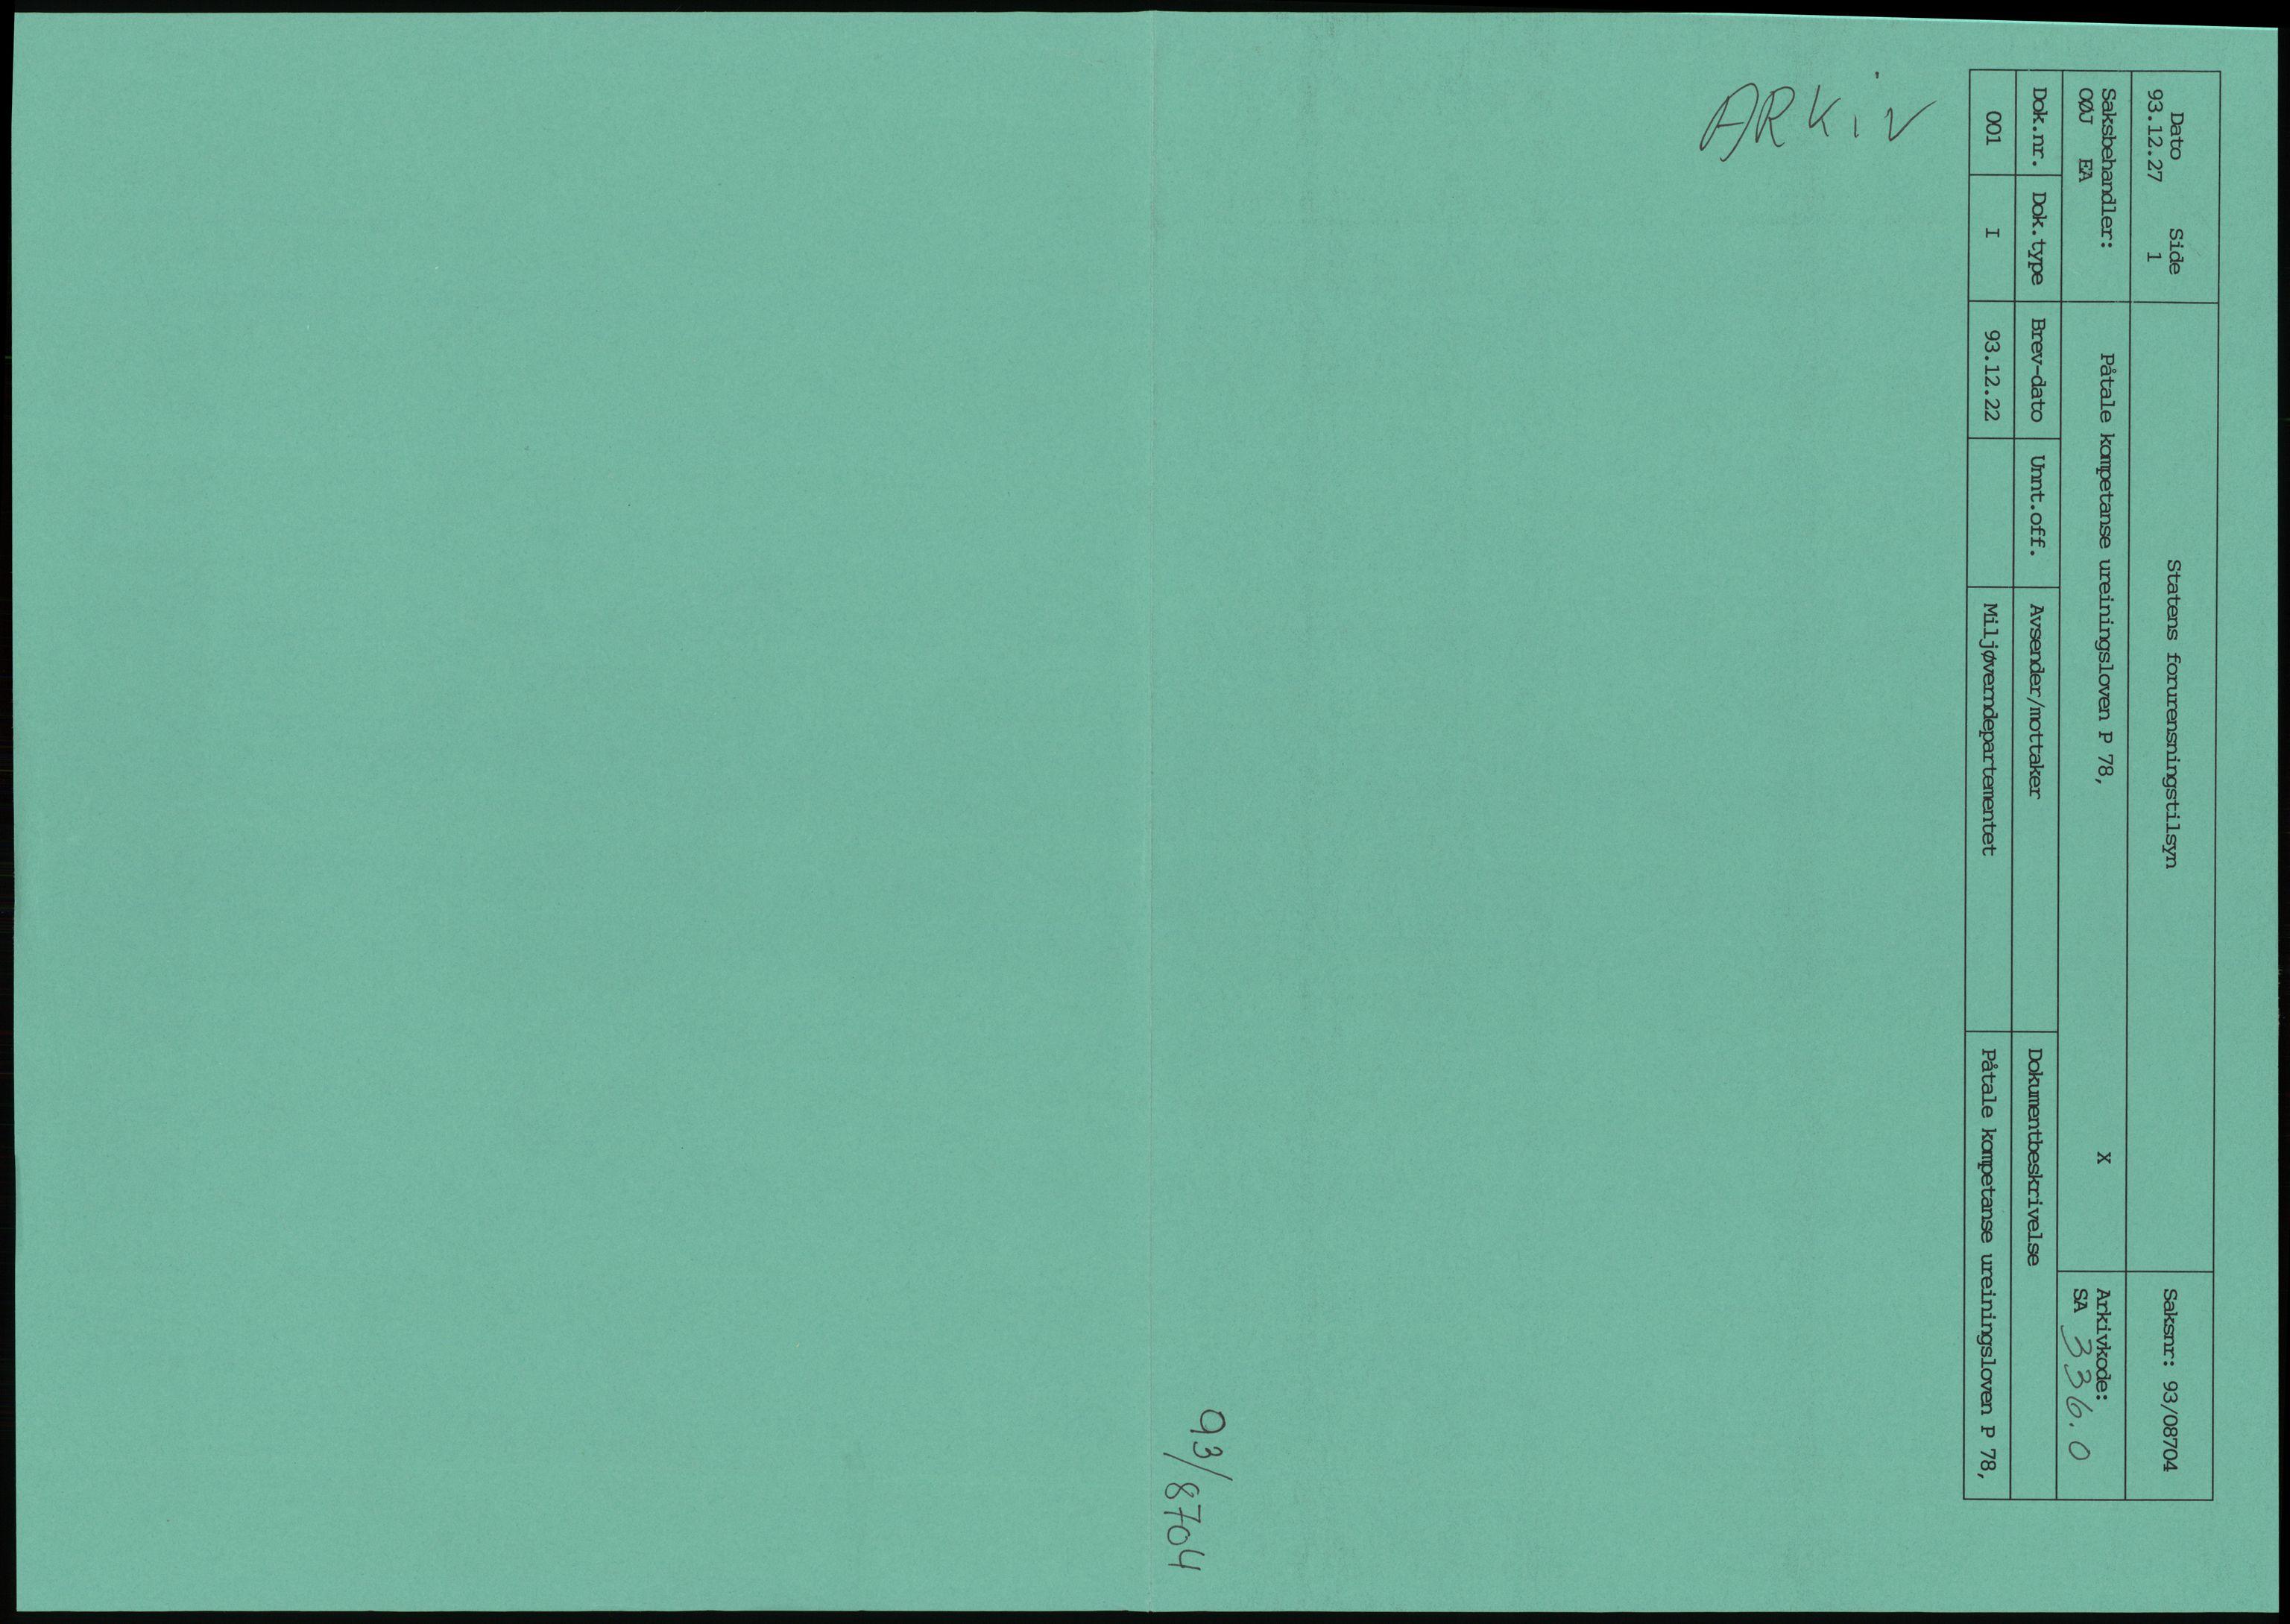 RA, Statens forurensningstilsyn, hovedkontoret, D/Da/L0440: Lover, forskrifter og juridiske spørsmål, 1984-1993, s. 1